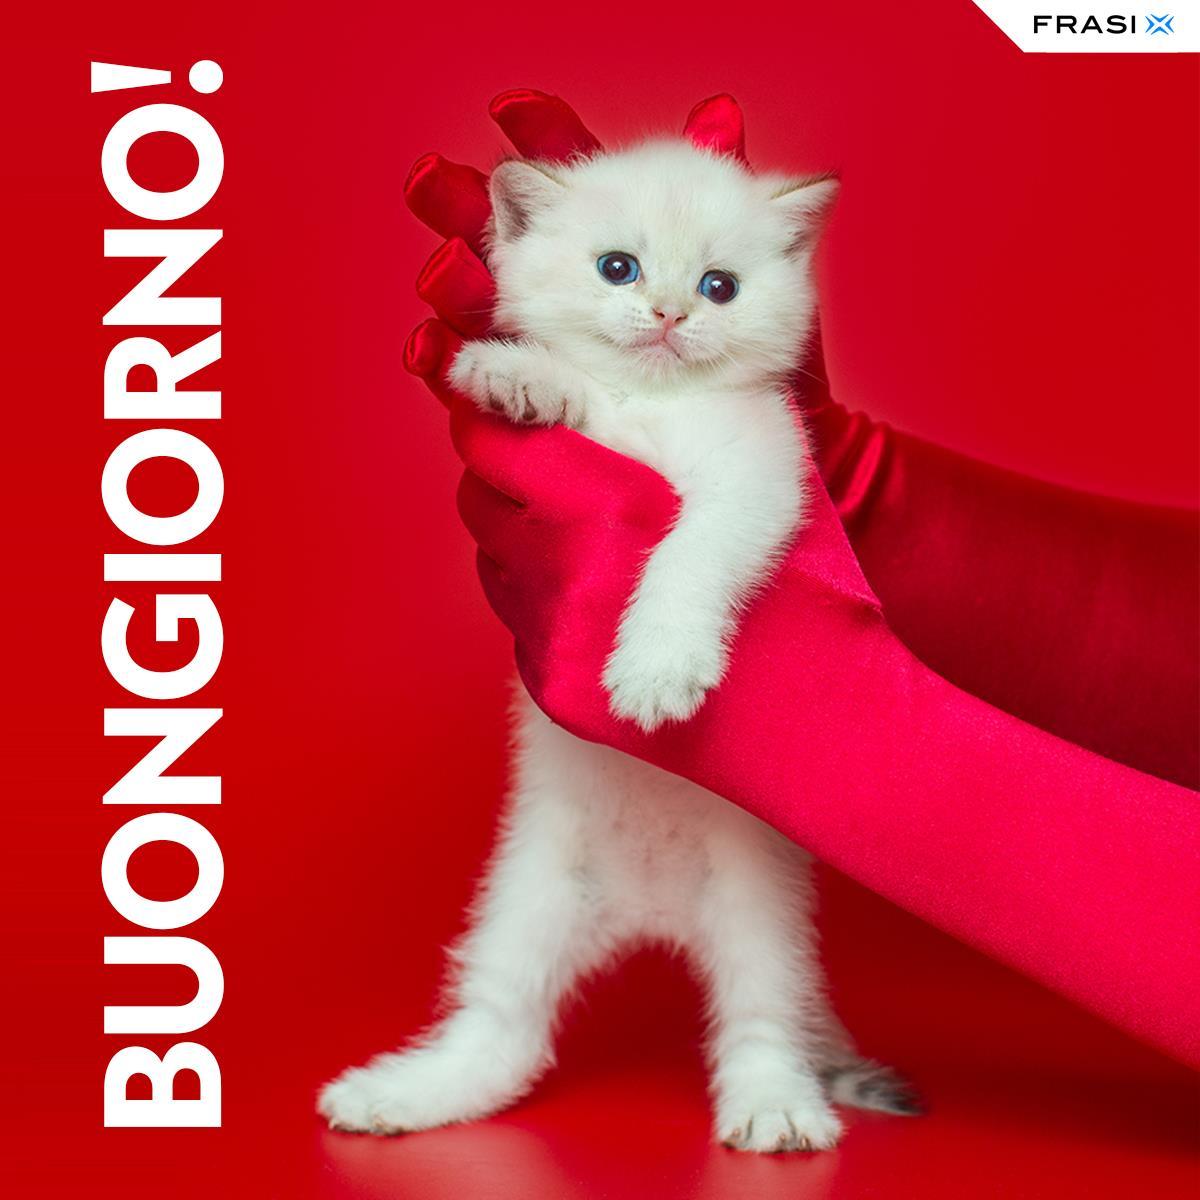 Messaggi buongiorno animali gatto bianco